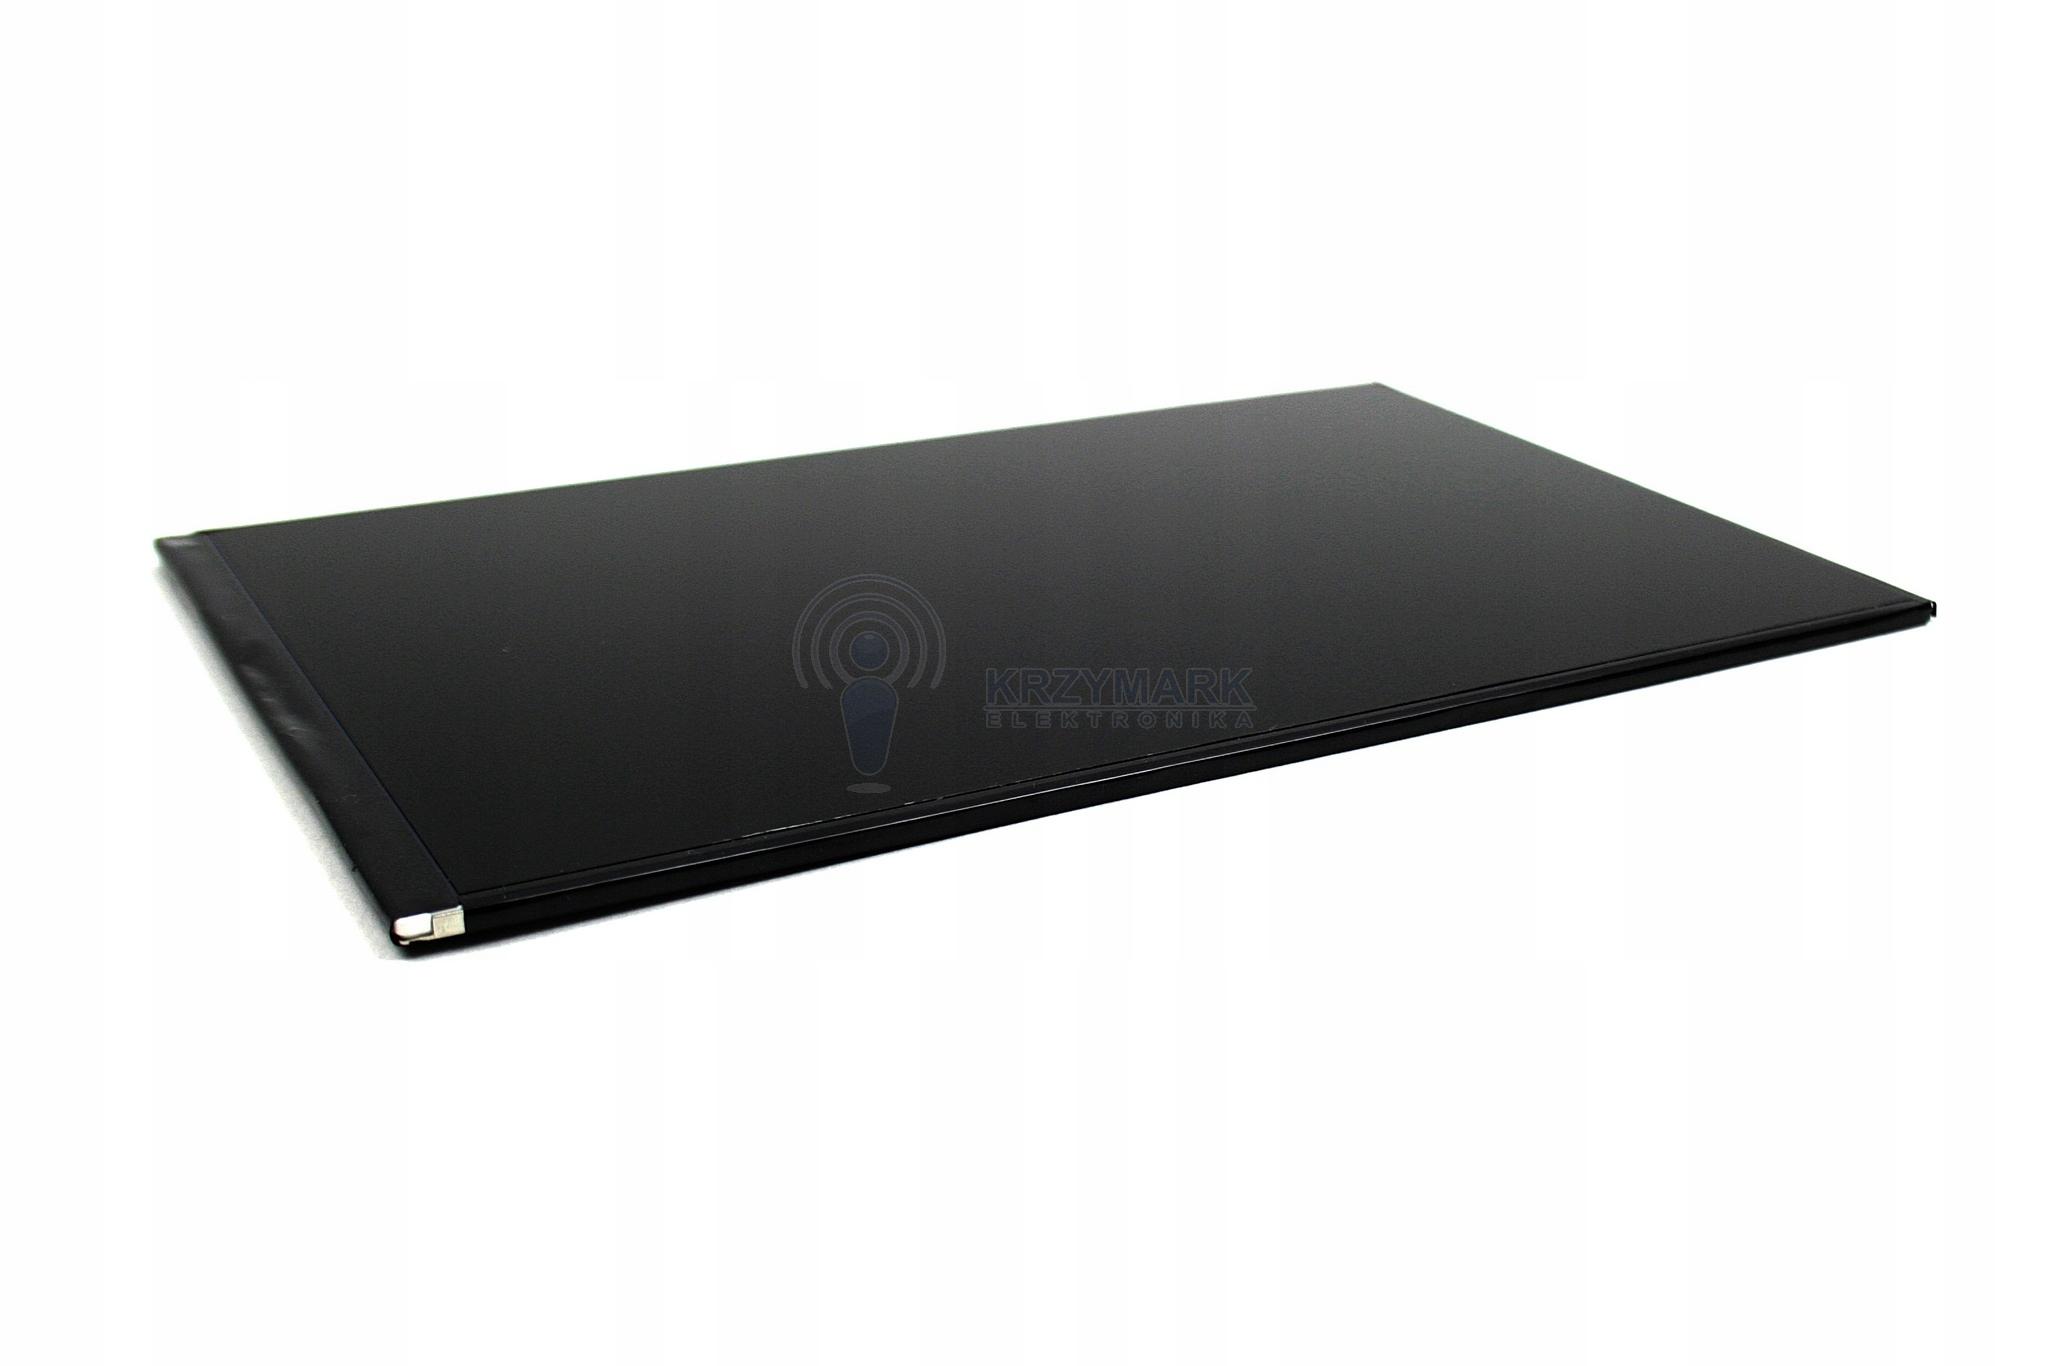 WYŚWIETLACZ LCD LENOVO A5500 A8-50 A5500F A5500H - Wyświetlacze do tabletów